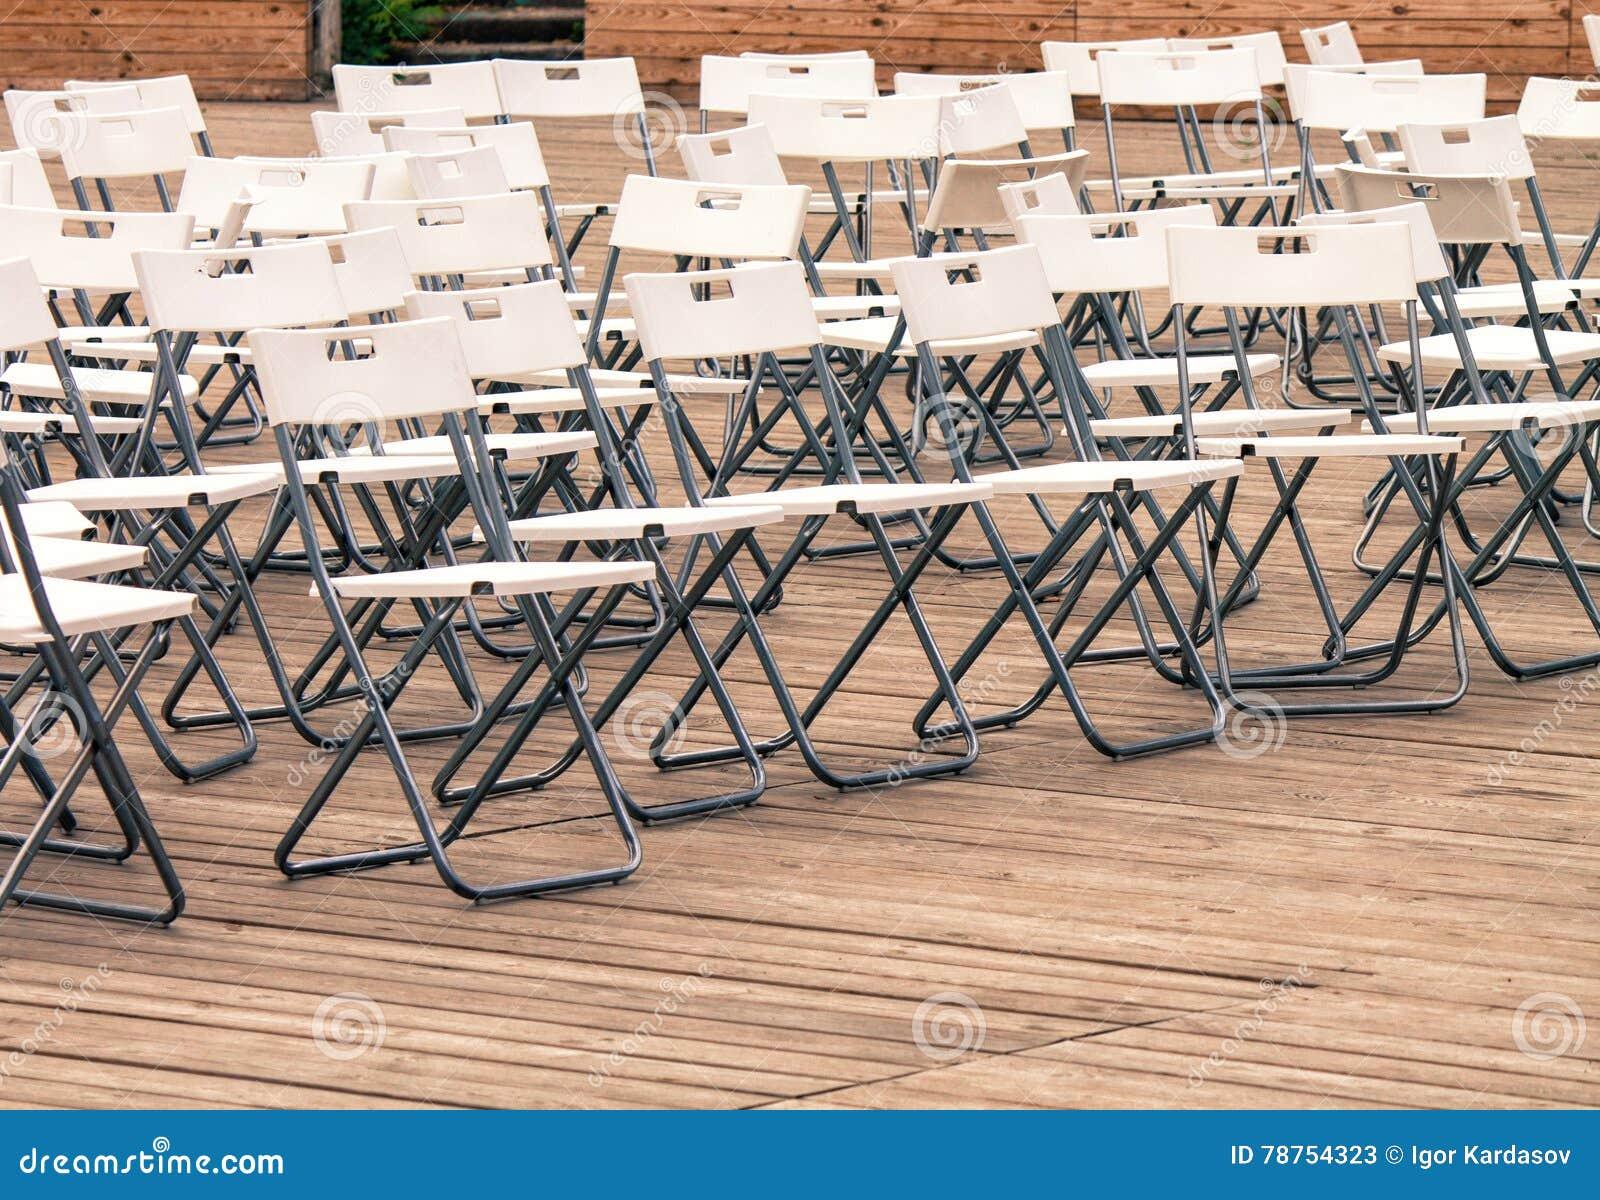 Fileiras de cadeiras modernas brancas vazias no assoalho de madeira do teatro